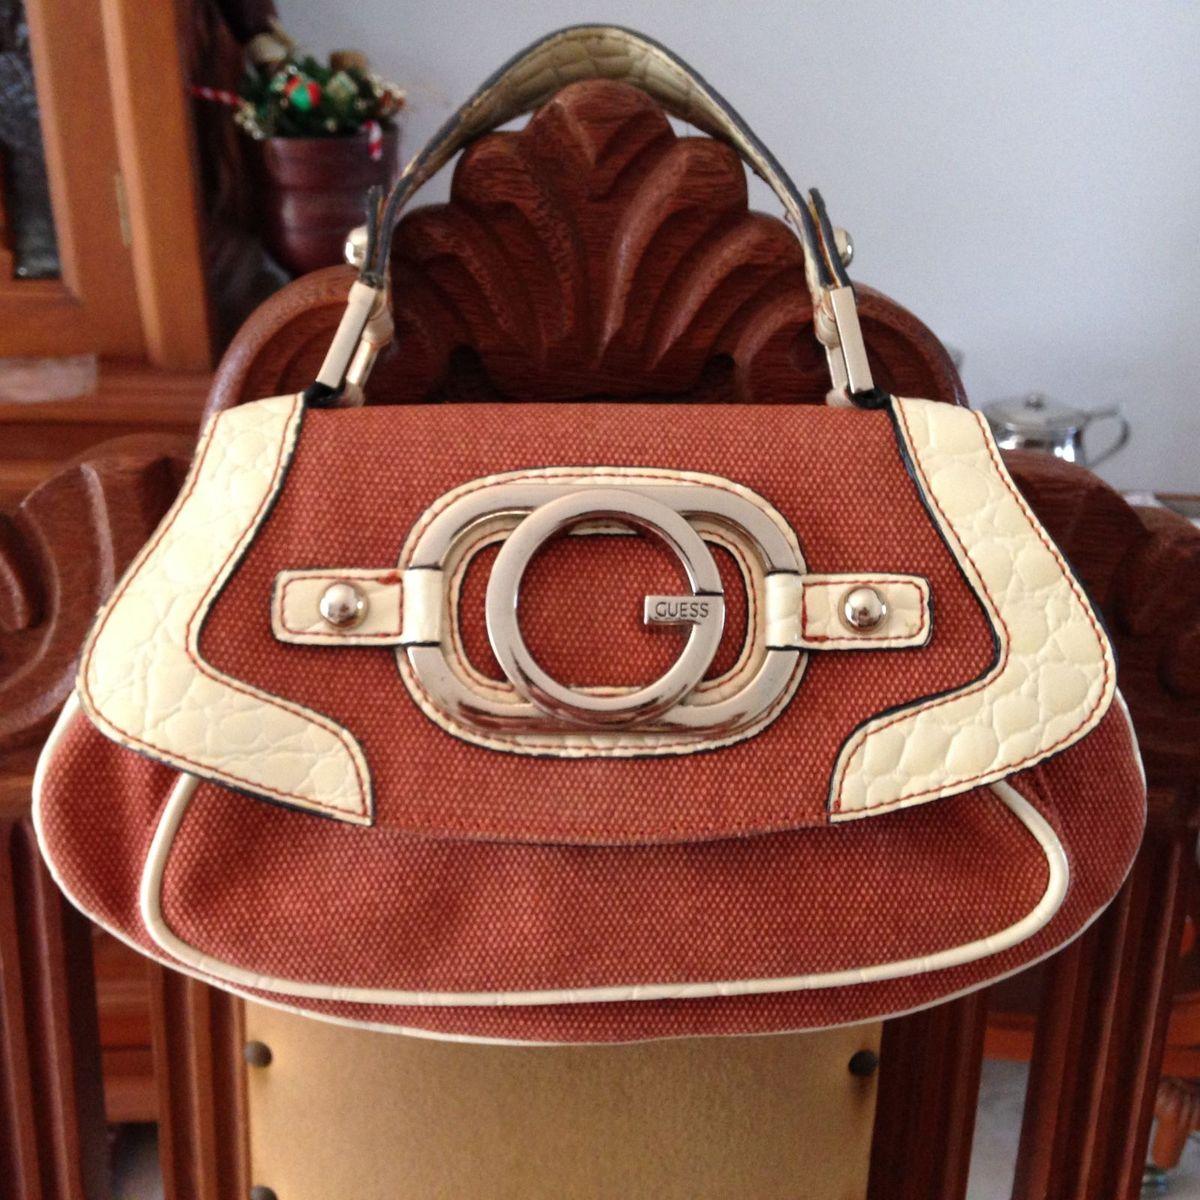 8361480f564 Bolsa Guess Original Bolsa de Mão Divisórias Cor Creme e Laranja Grife  Fashion